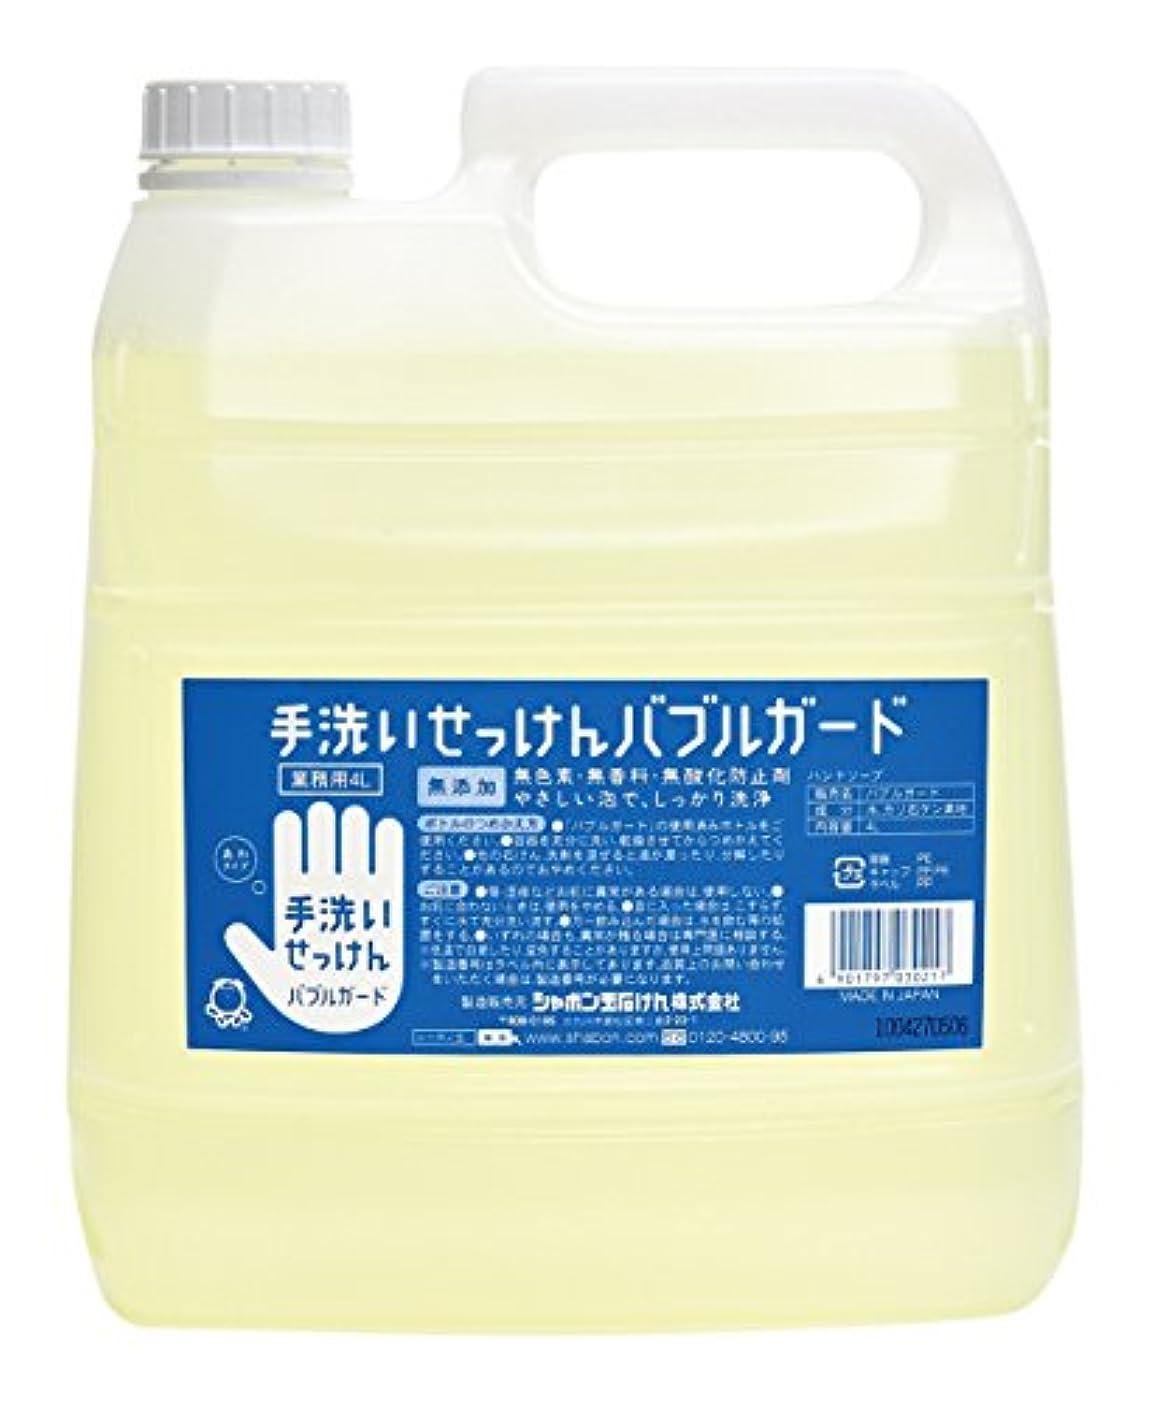 コンベンション逃すキャリア【大容量】 シャボン玉 バブルガード 業務用 4L